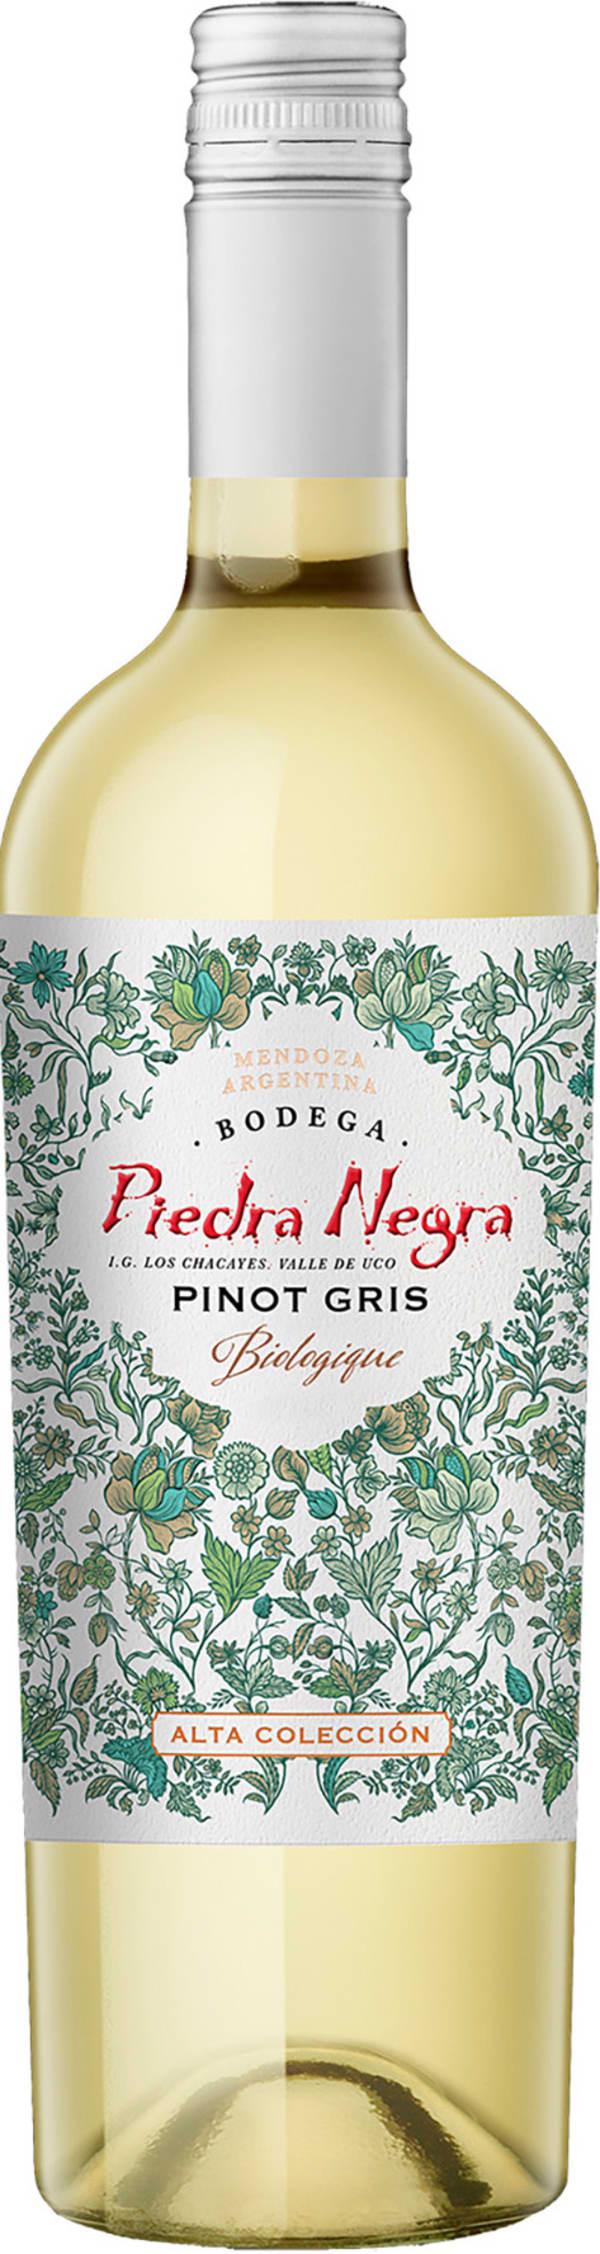 Bodega Piedra Negra Pinot Gris Alta Colección 2017